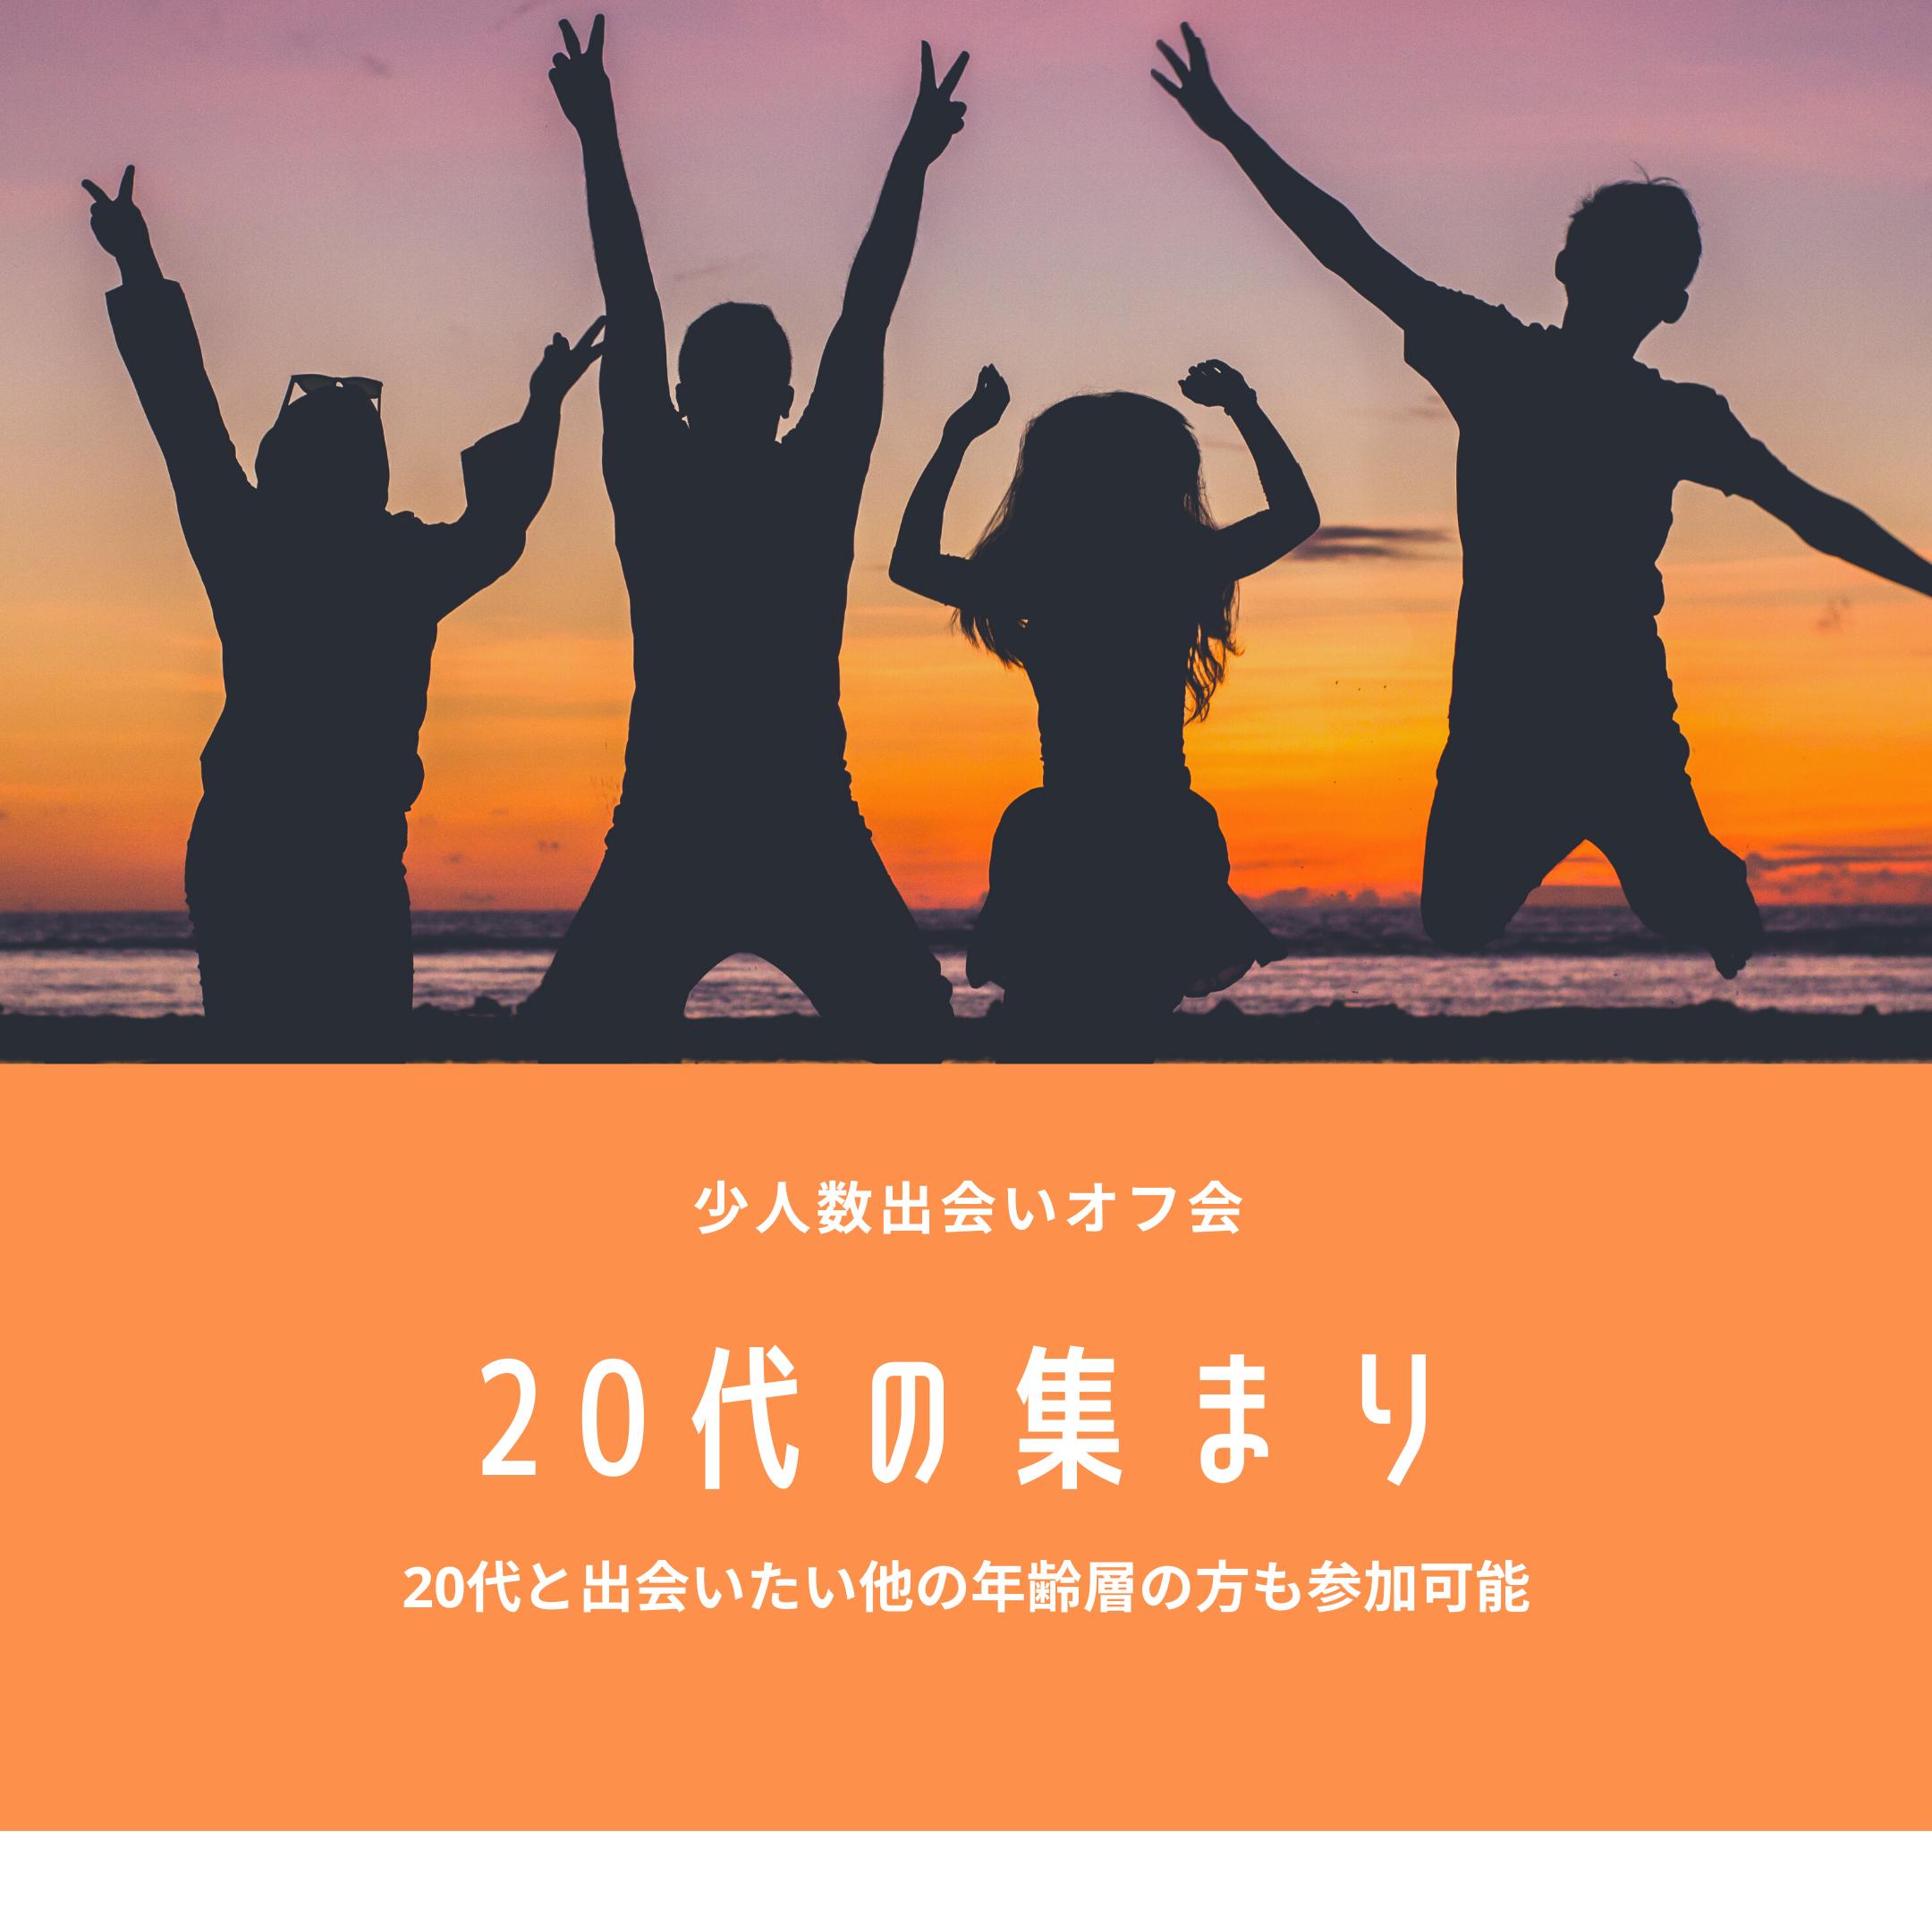 【大阪】20代の集まり